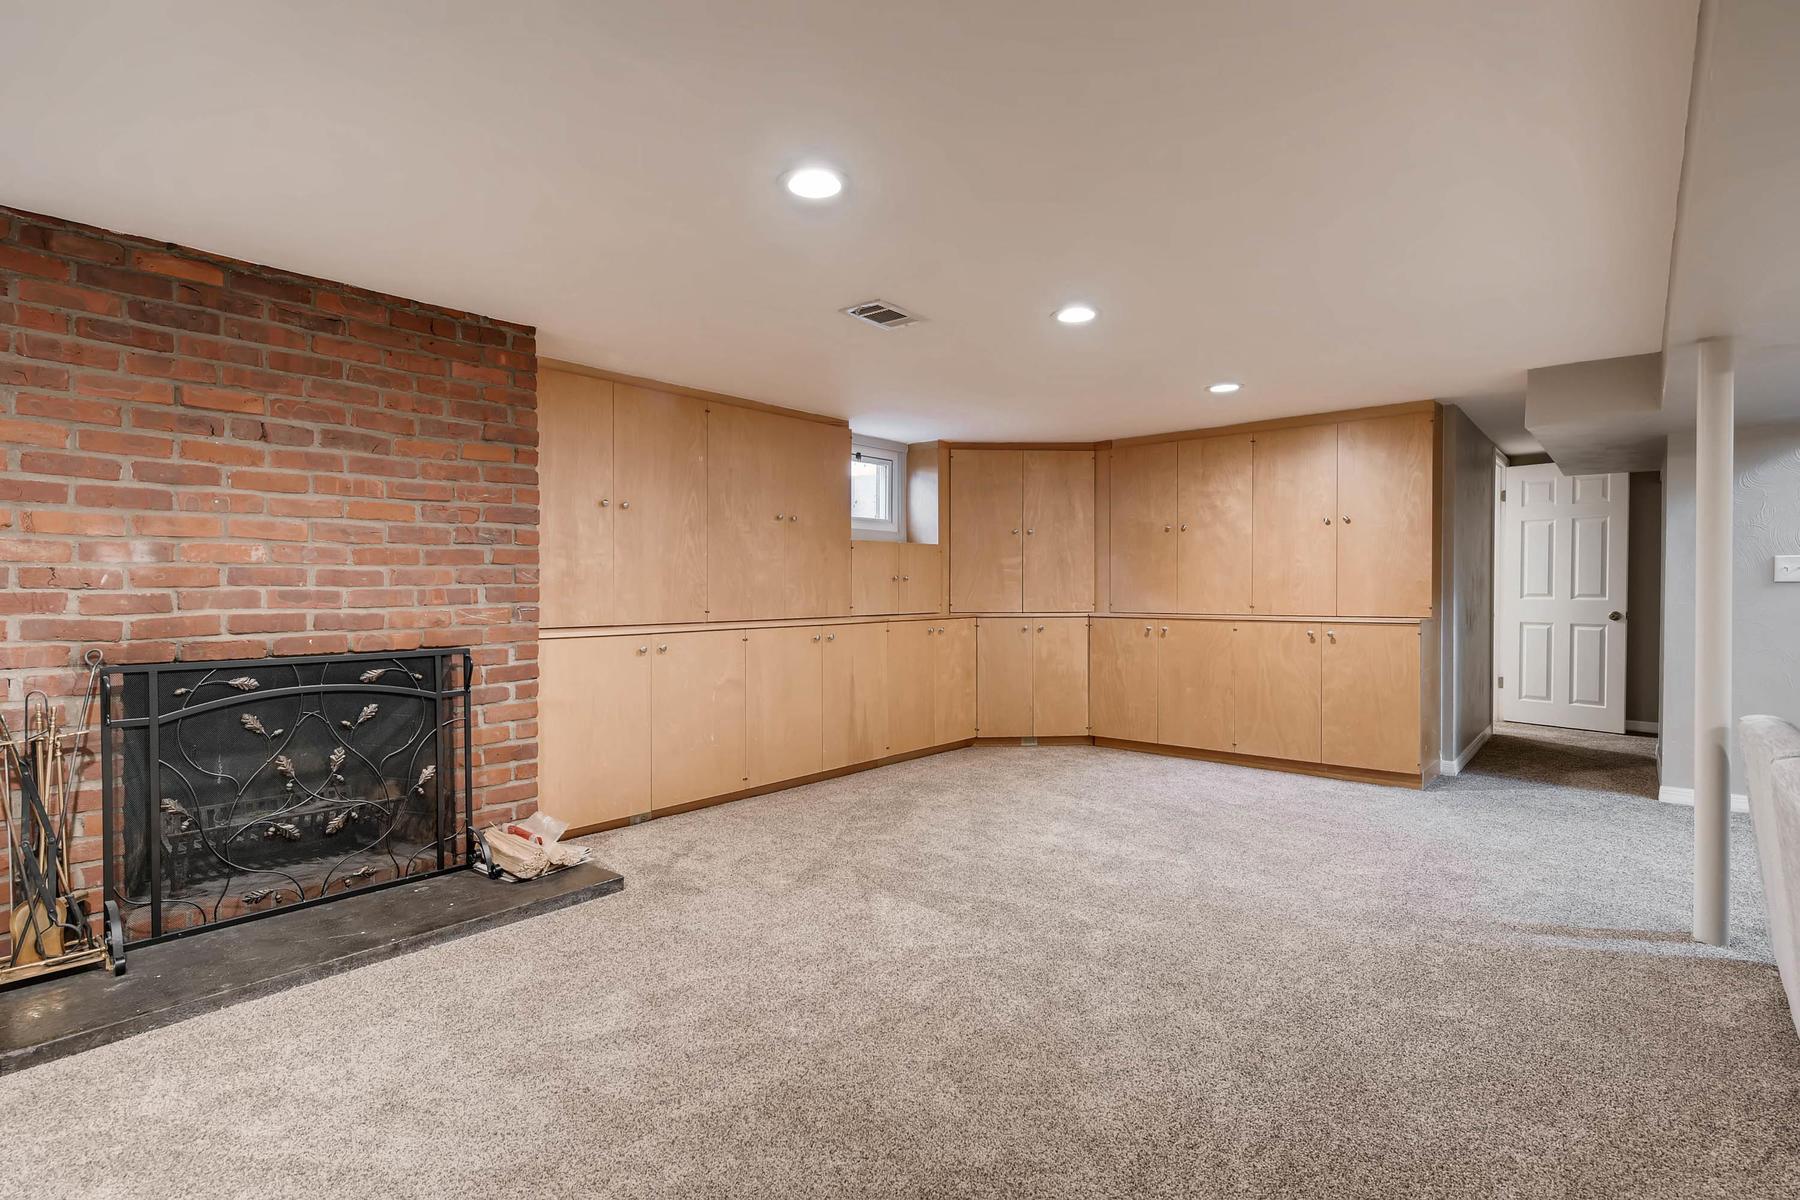 6676 S Kit Carson St-MLS_Size-020-4-Lower Level Family Room-1800x1200-72dpi.jpg